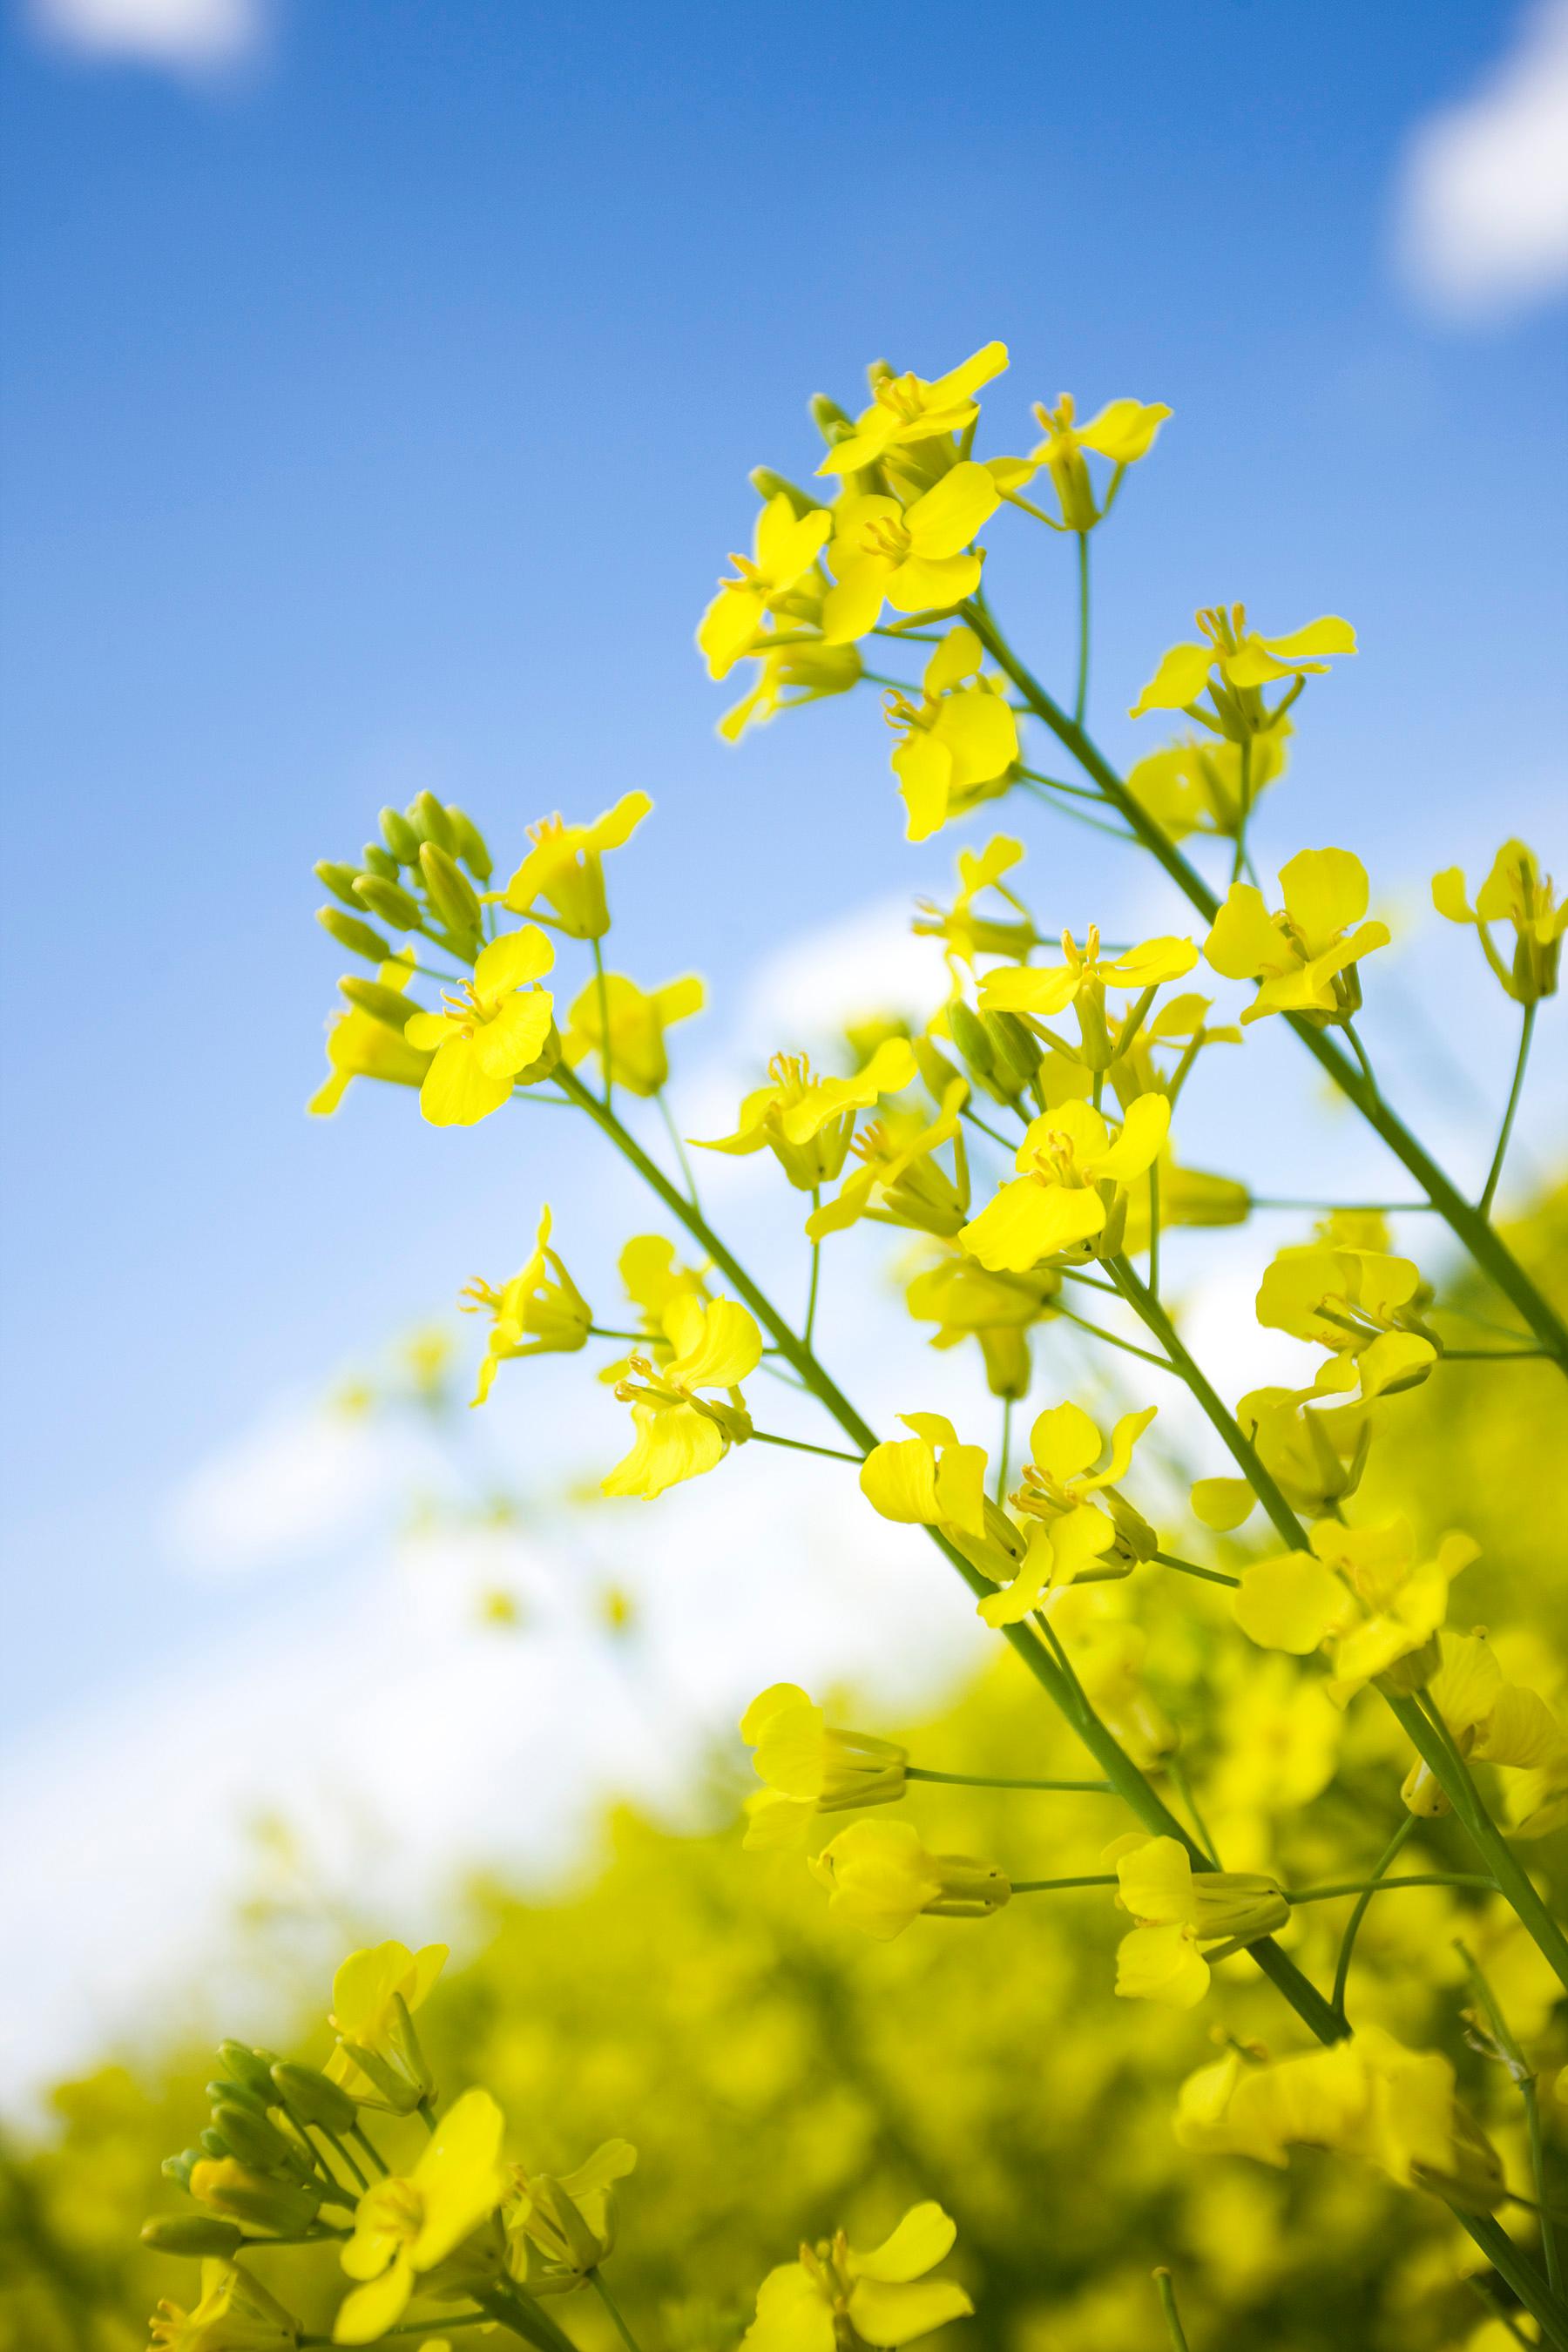 Canola campos y flores